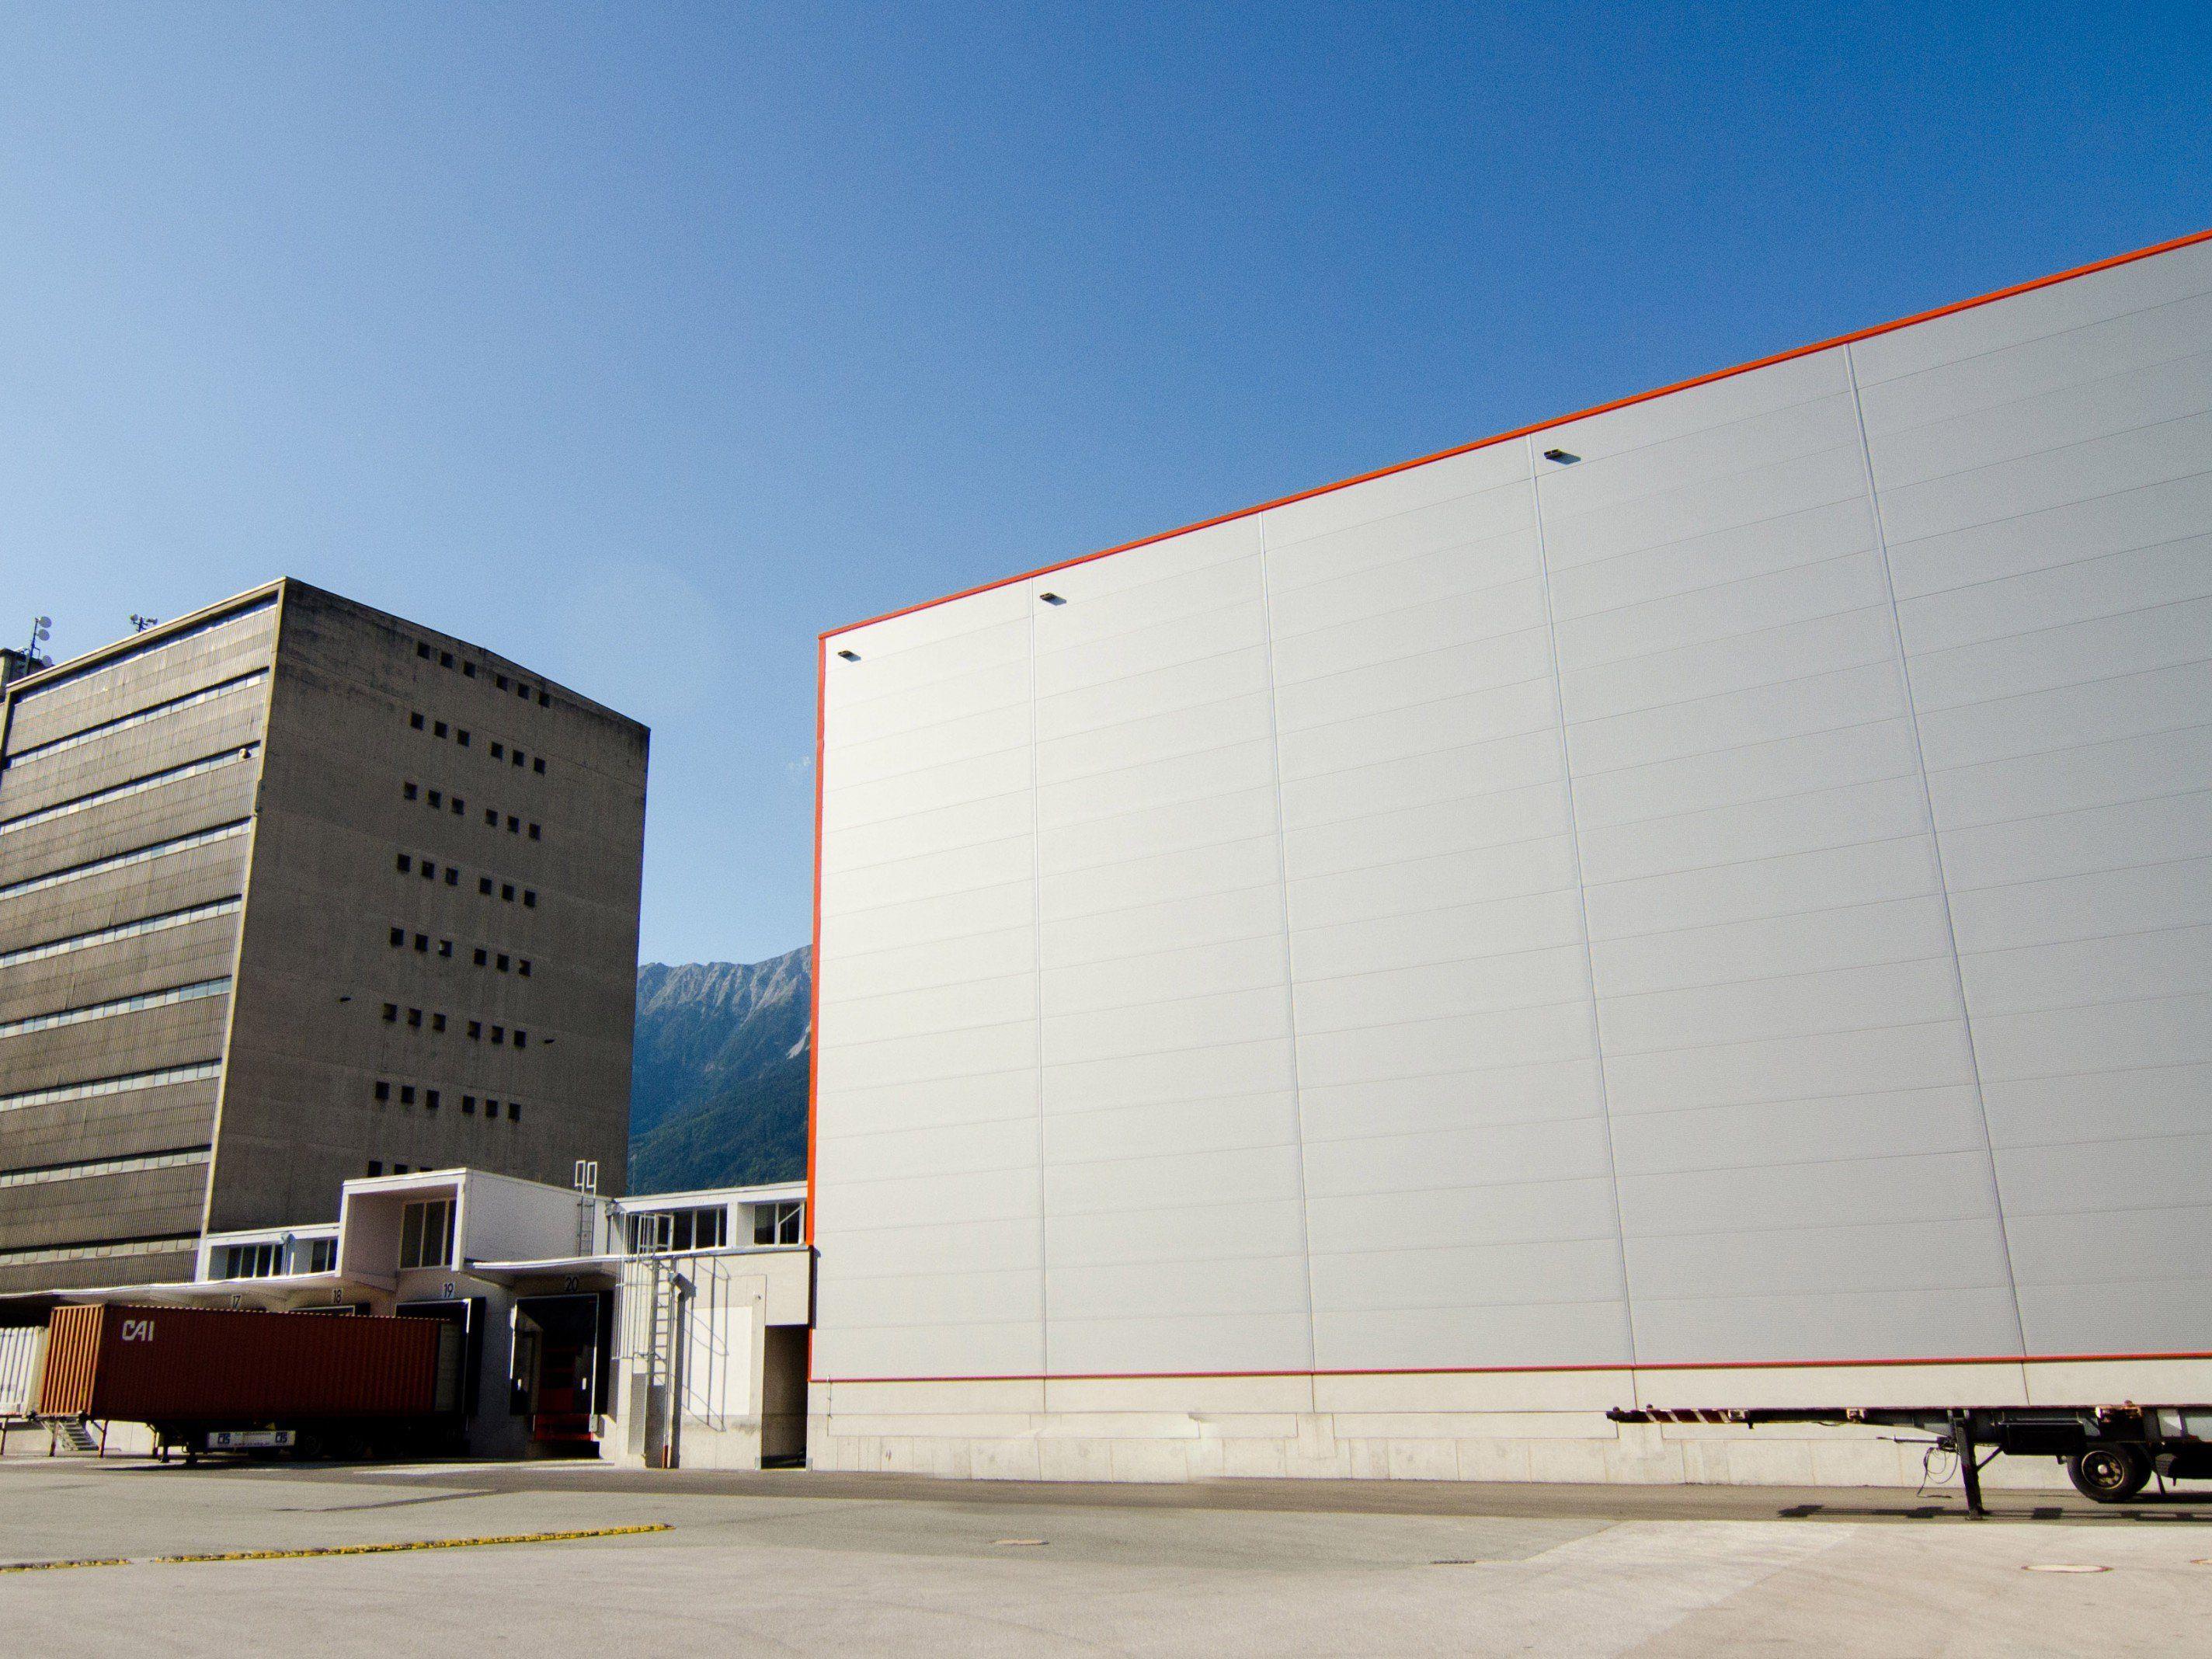 Logistischer Knotenpunkt zwischen Tirol, Deutschland und der Schweiz sowie zwischen Wien und Vorarlberg.